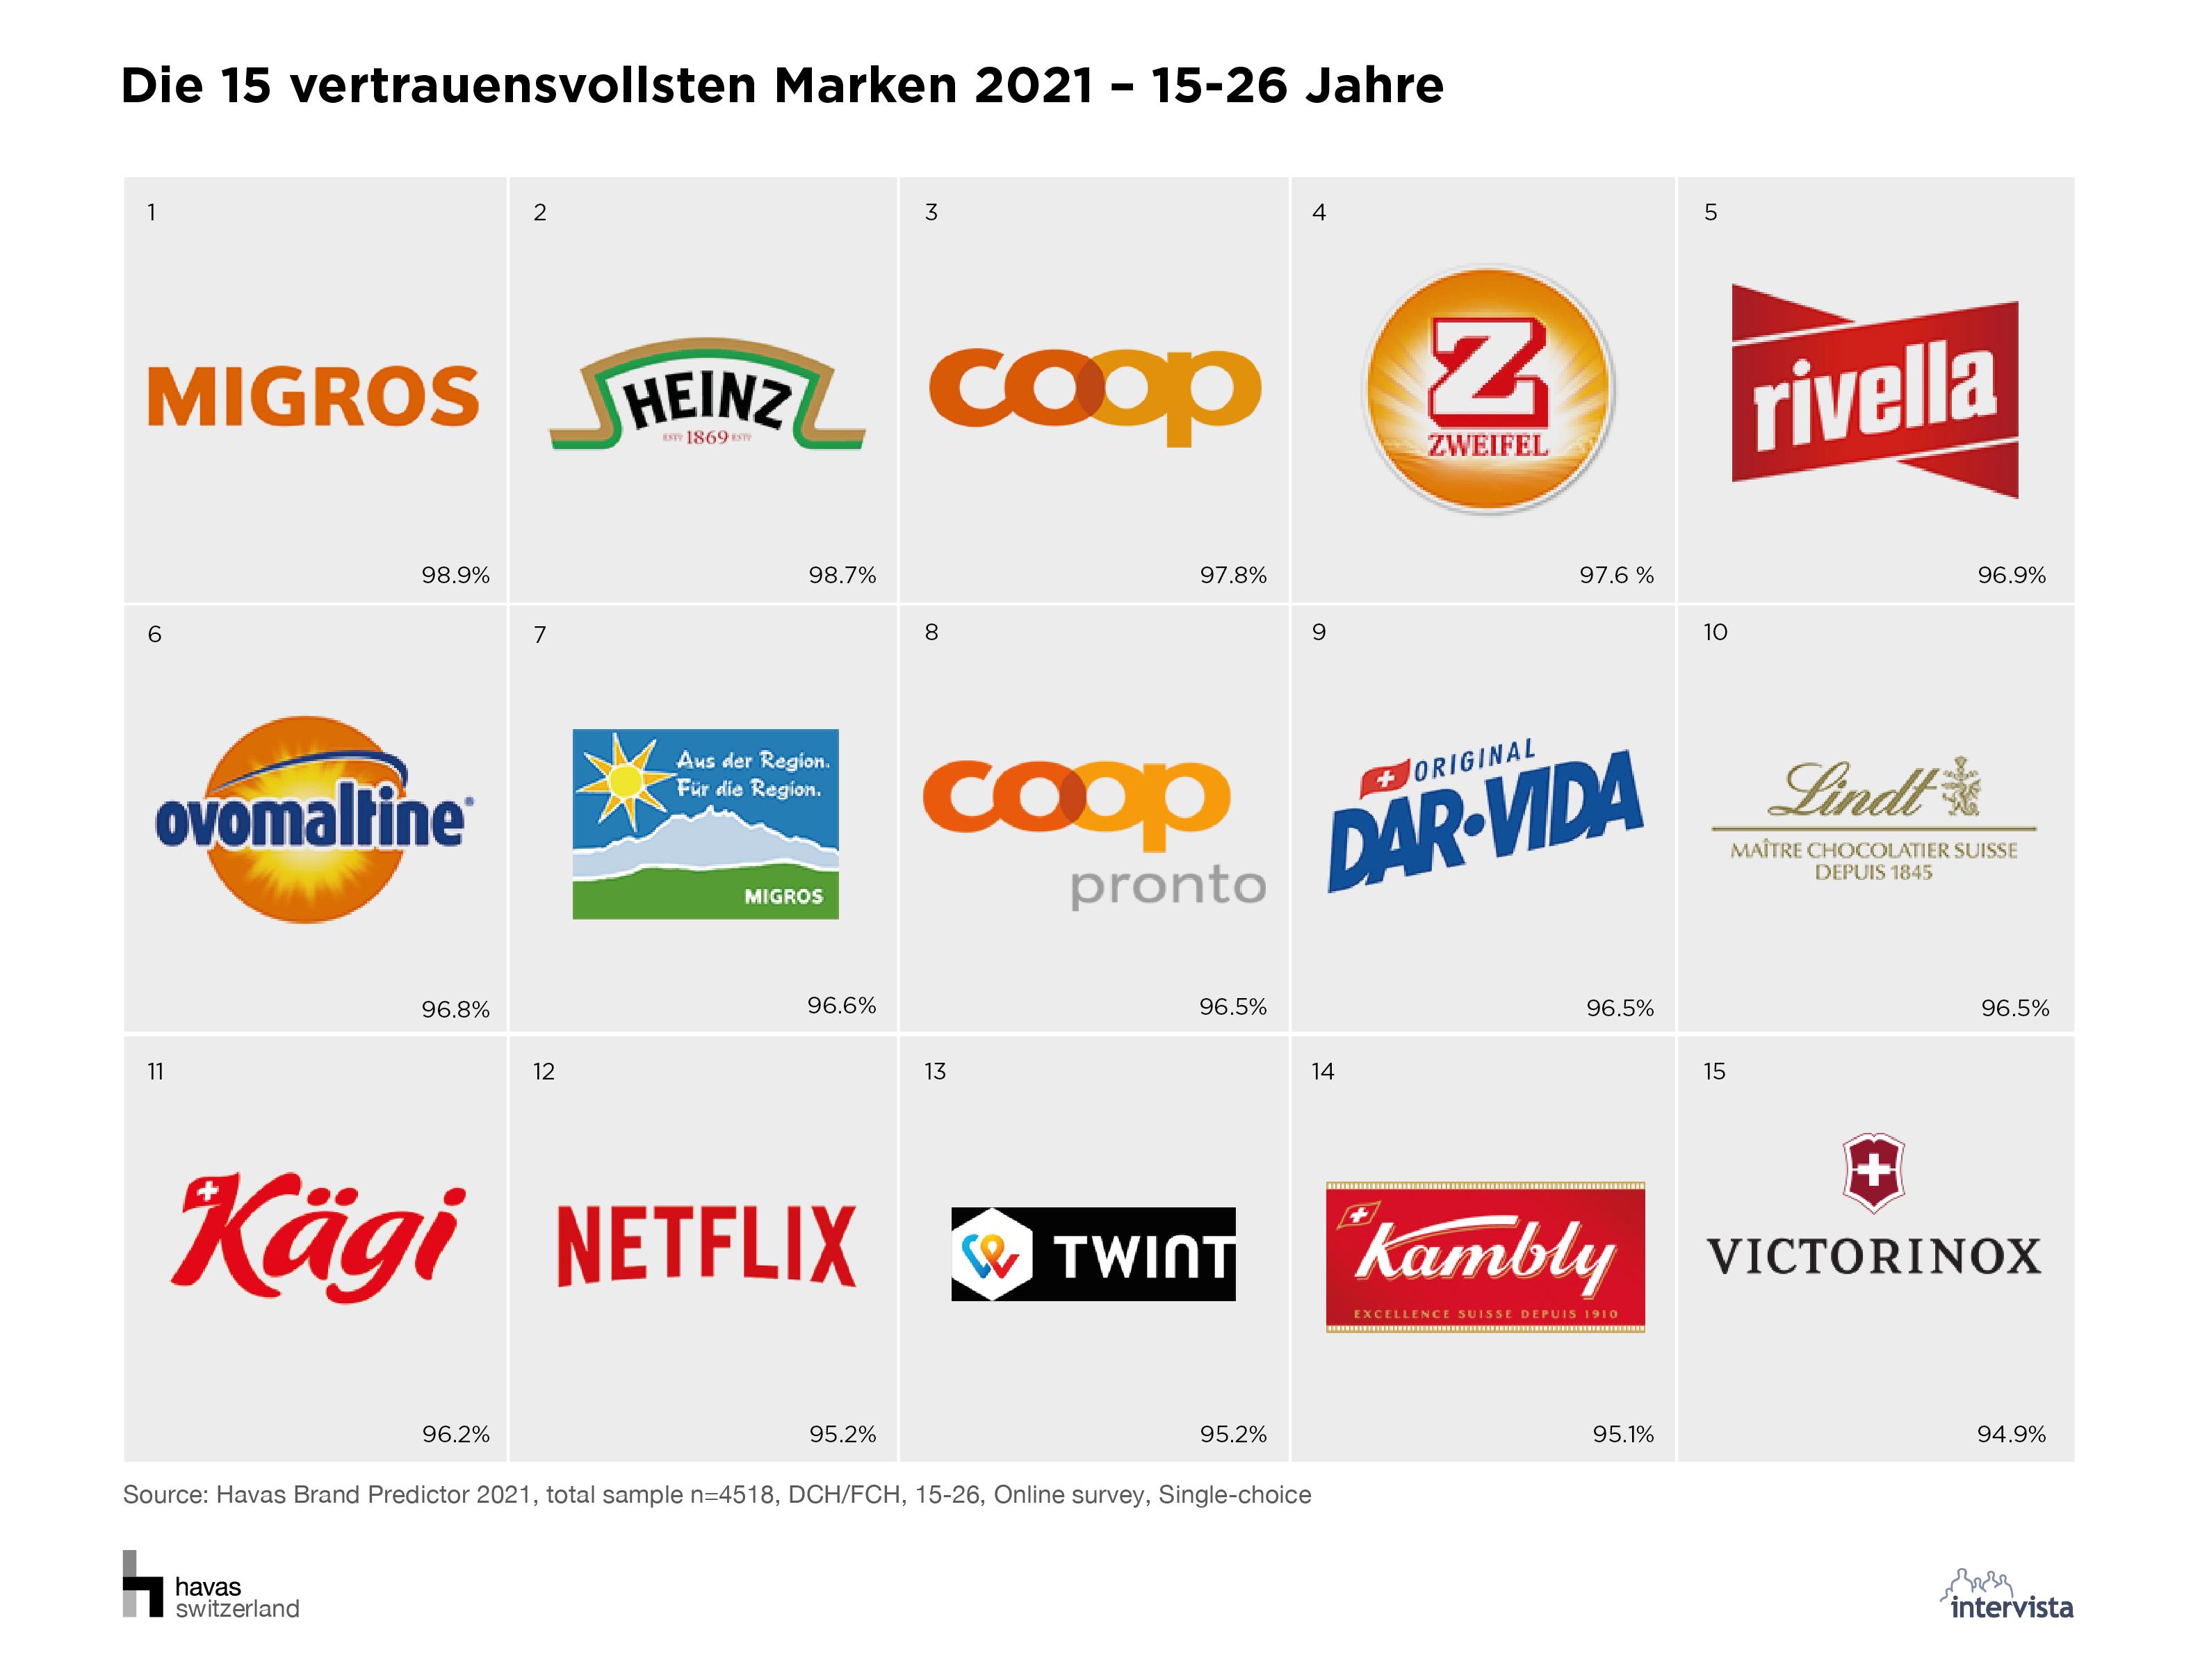 06_Die 15 vertrauensvollsten Marken 2021_15-26 Jahre.png